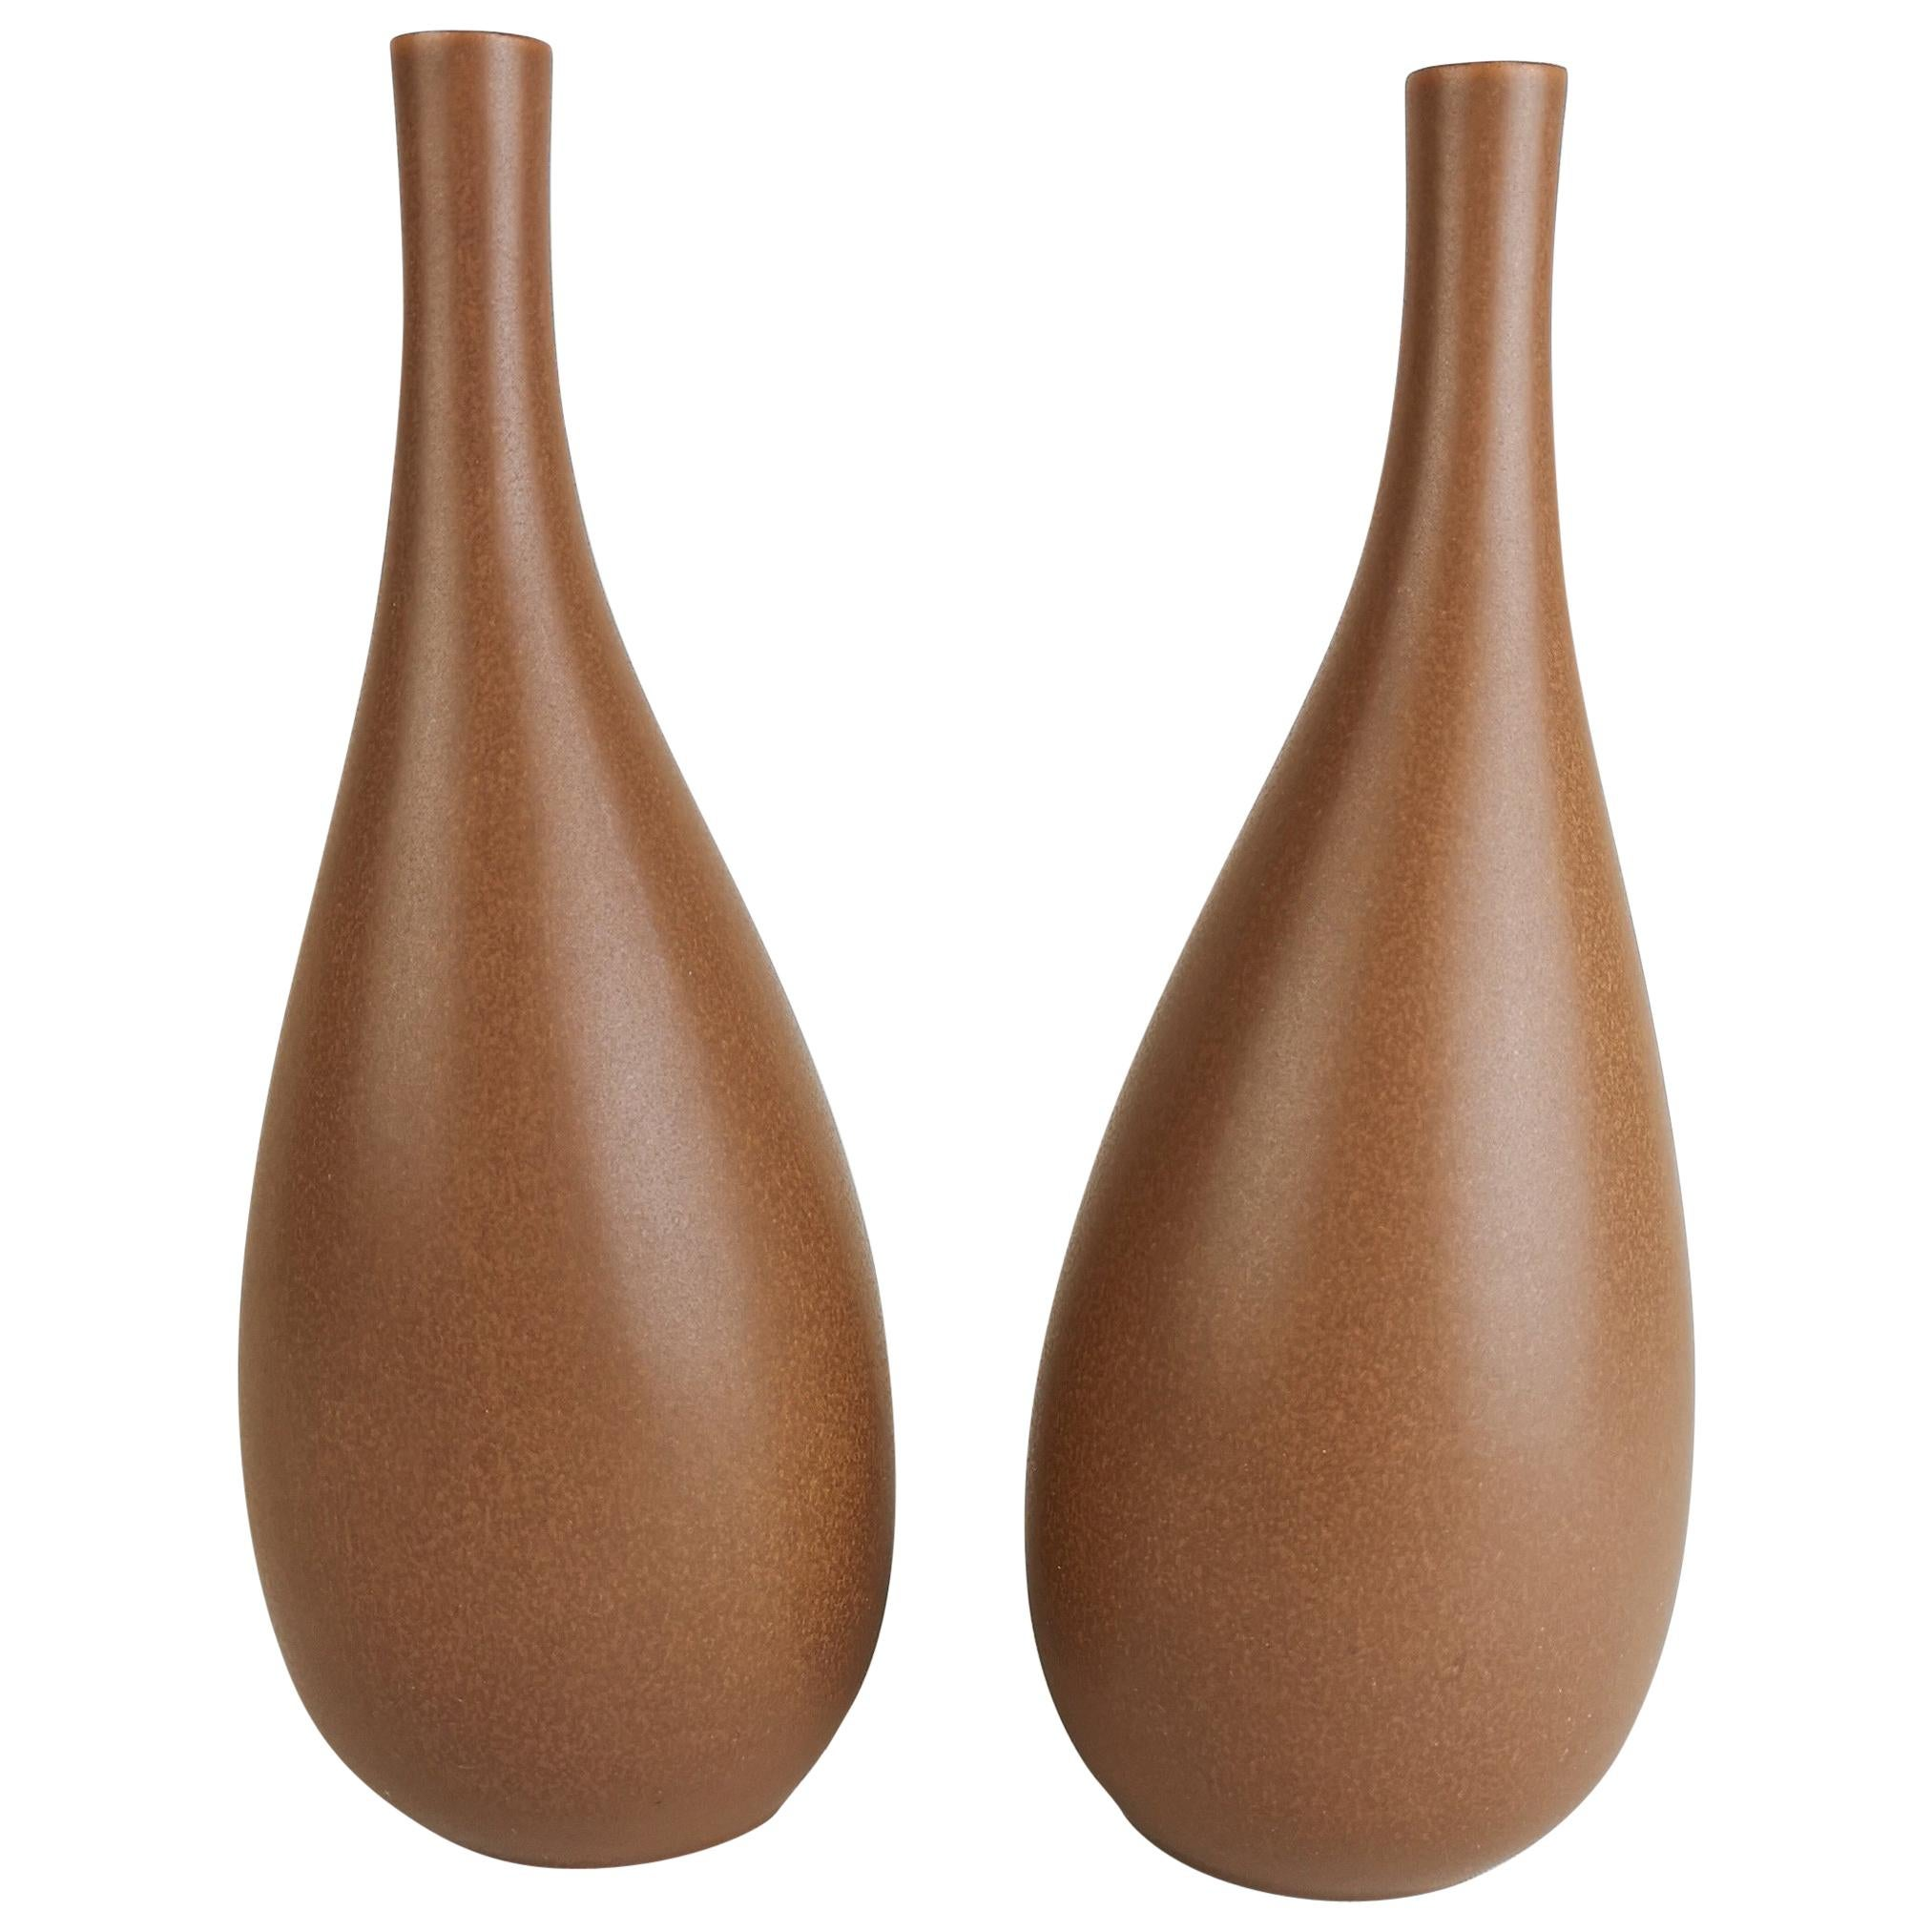 2 Vases Vitrin Gustavsberg Stig Lindberg, Sweden